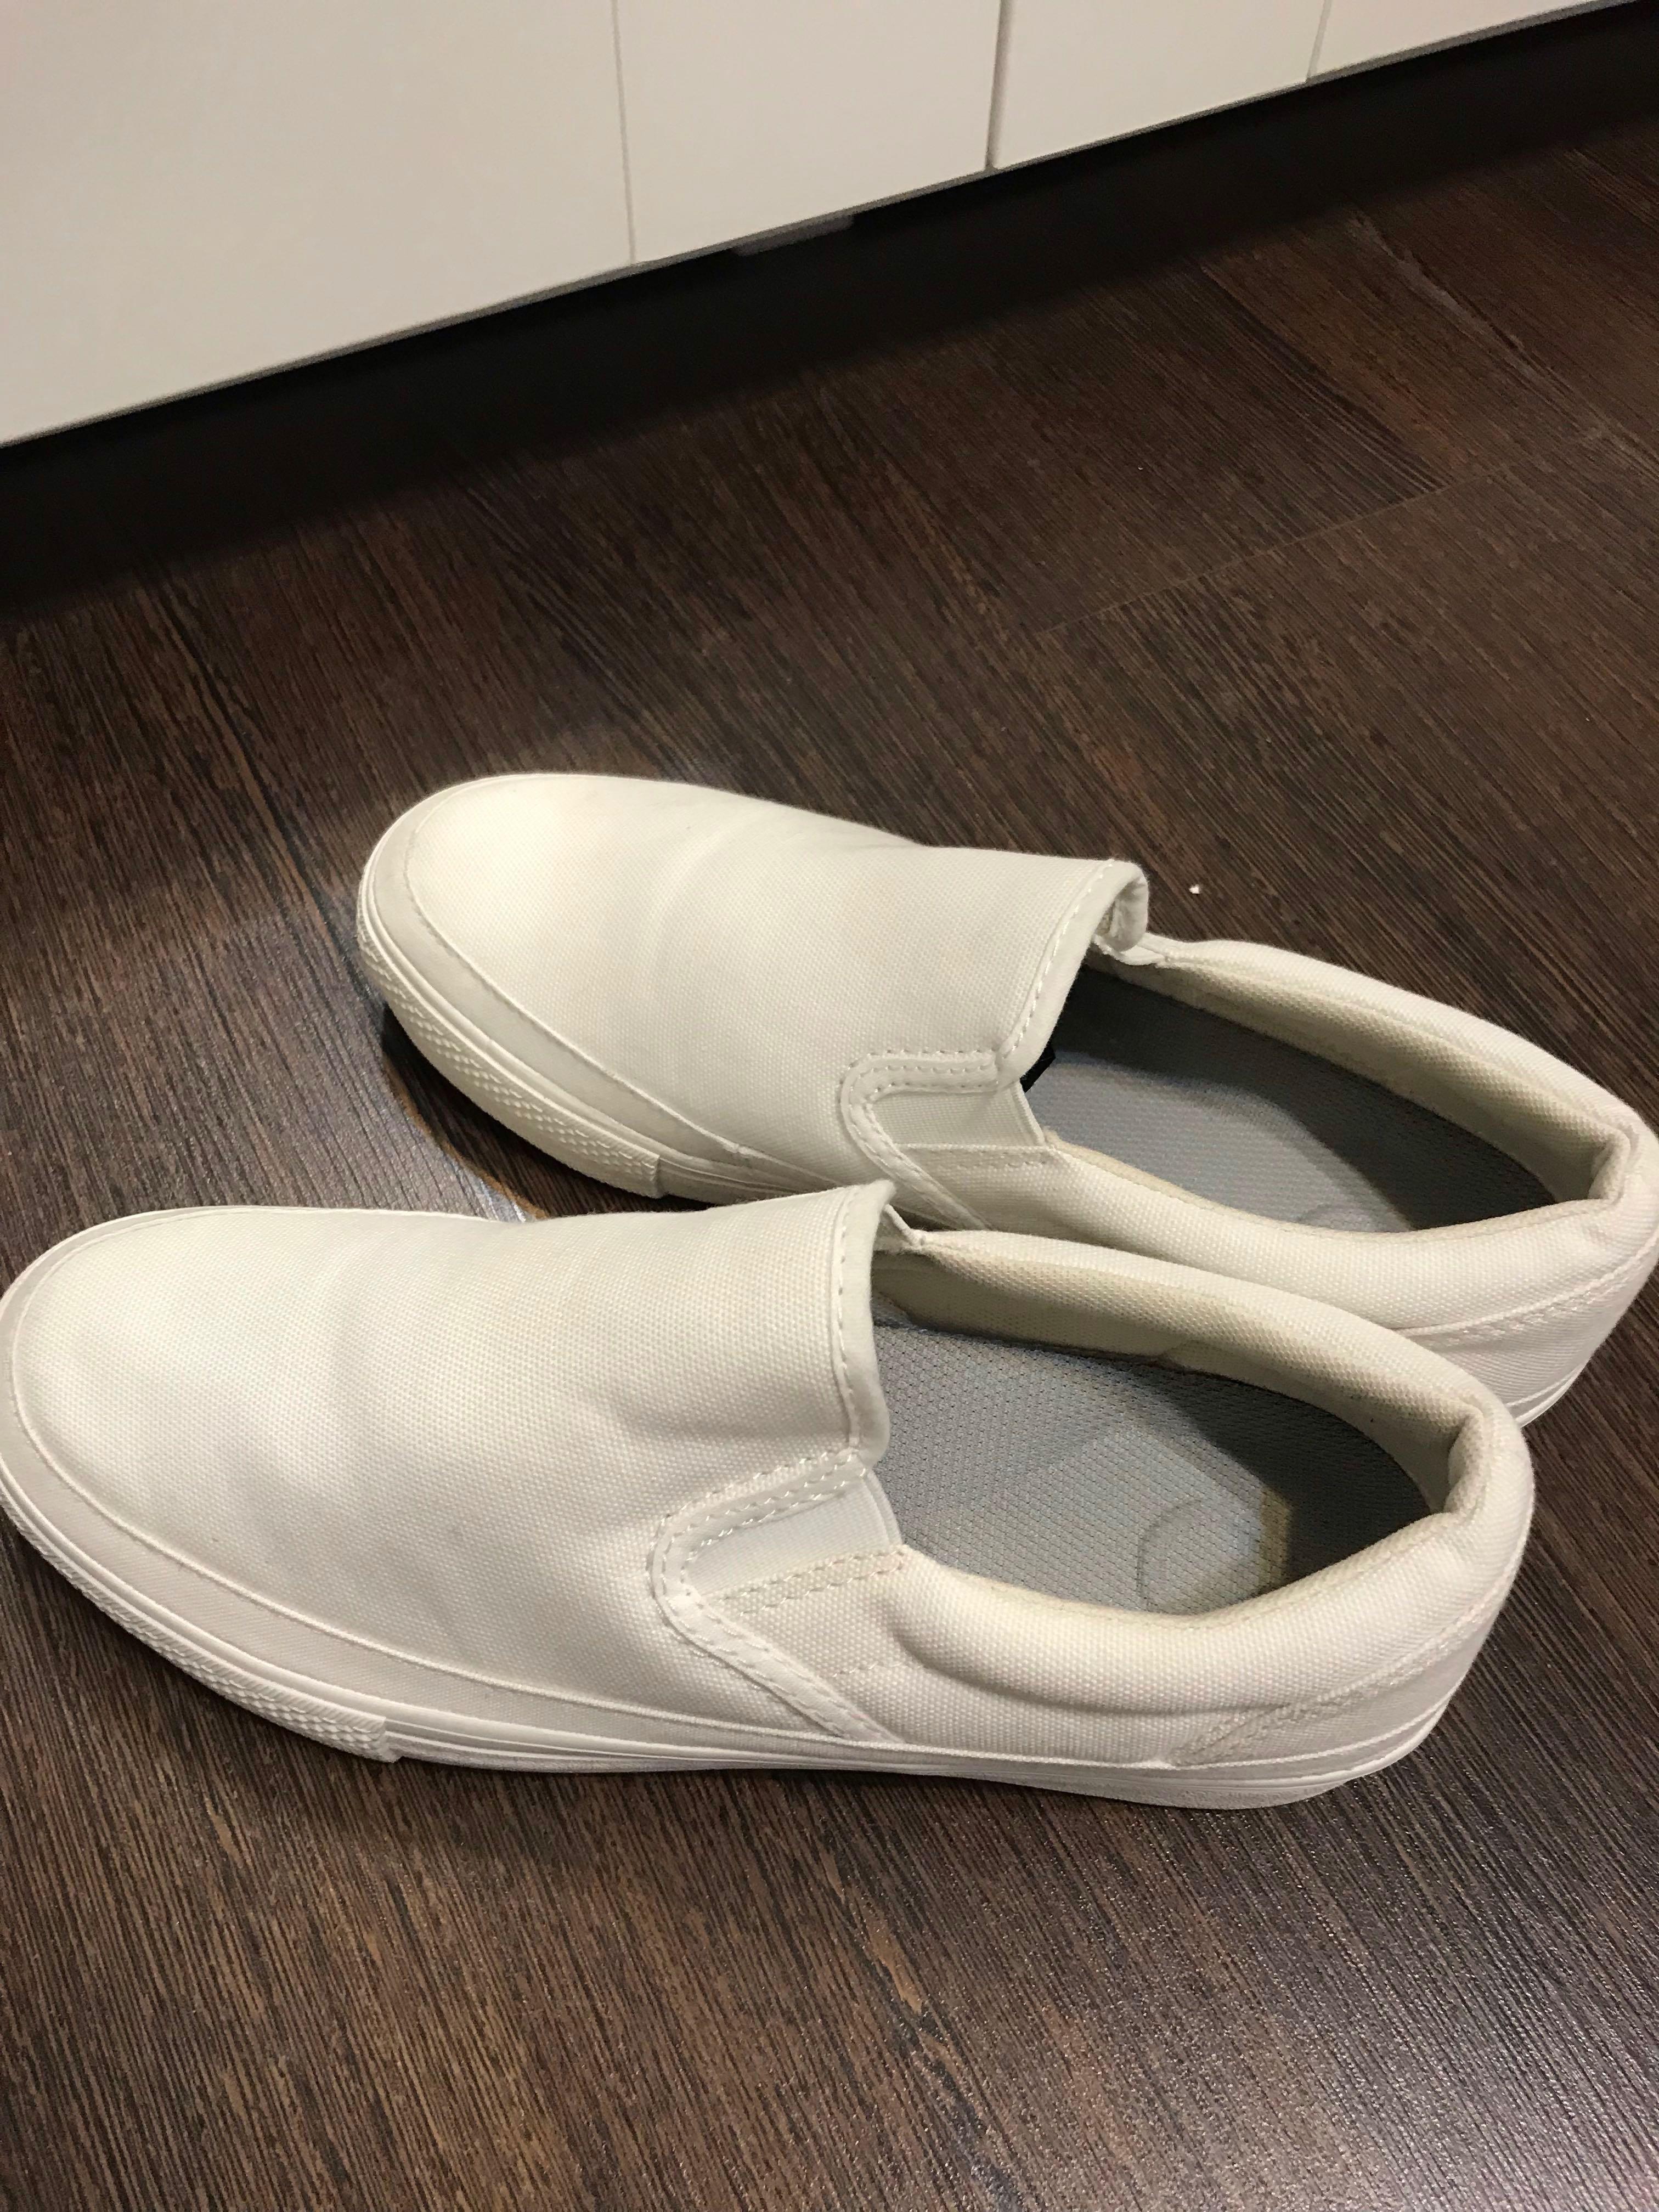 8bde64e58e6d3 Muji Women White Canvas Shoes